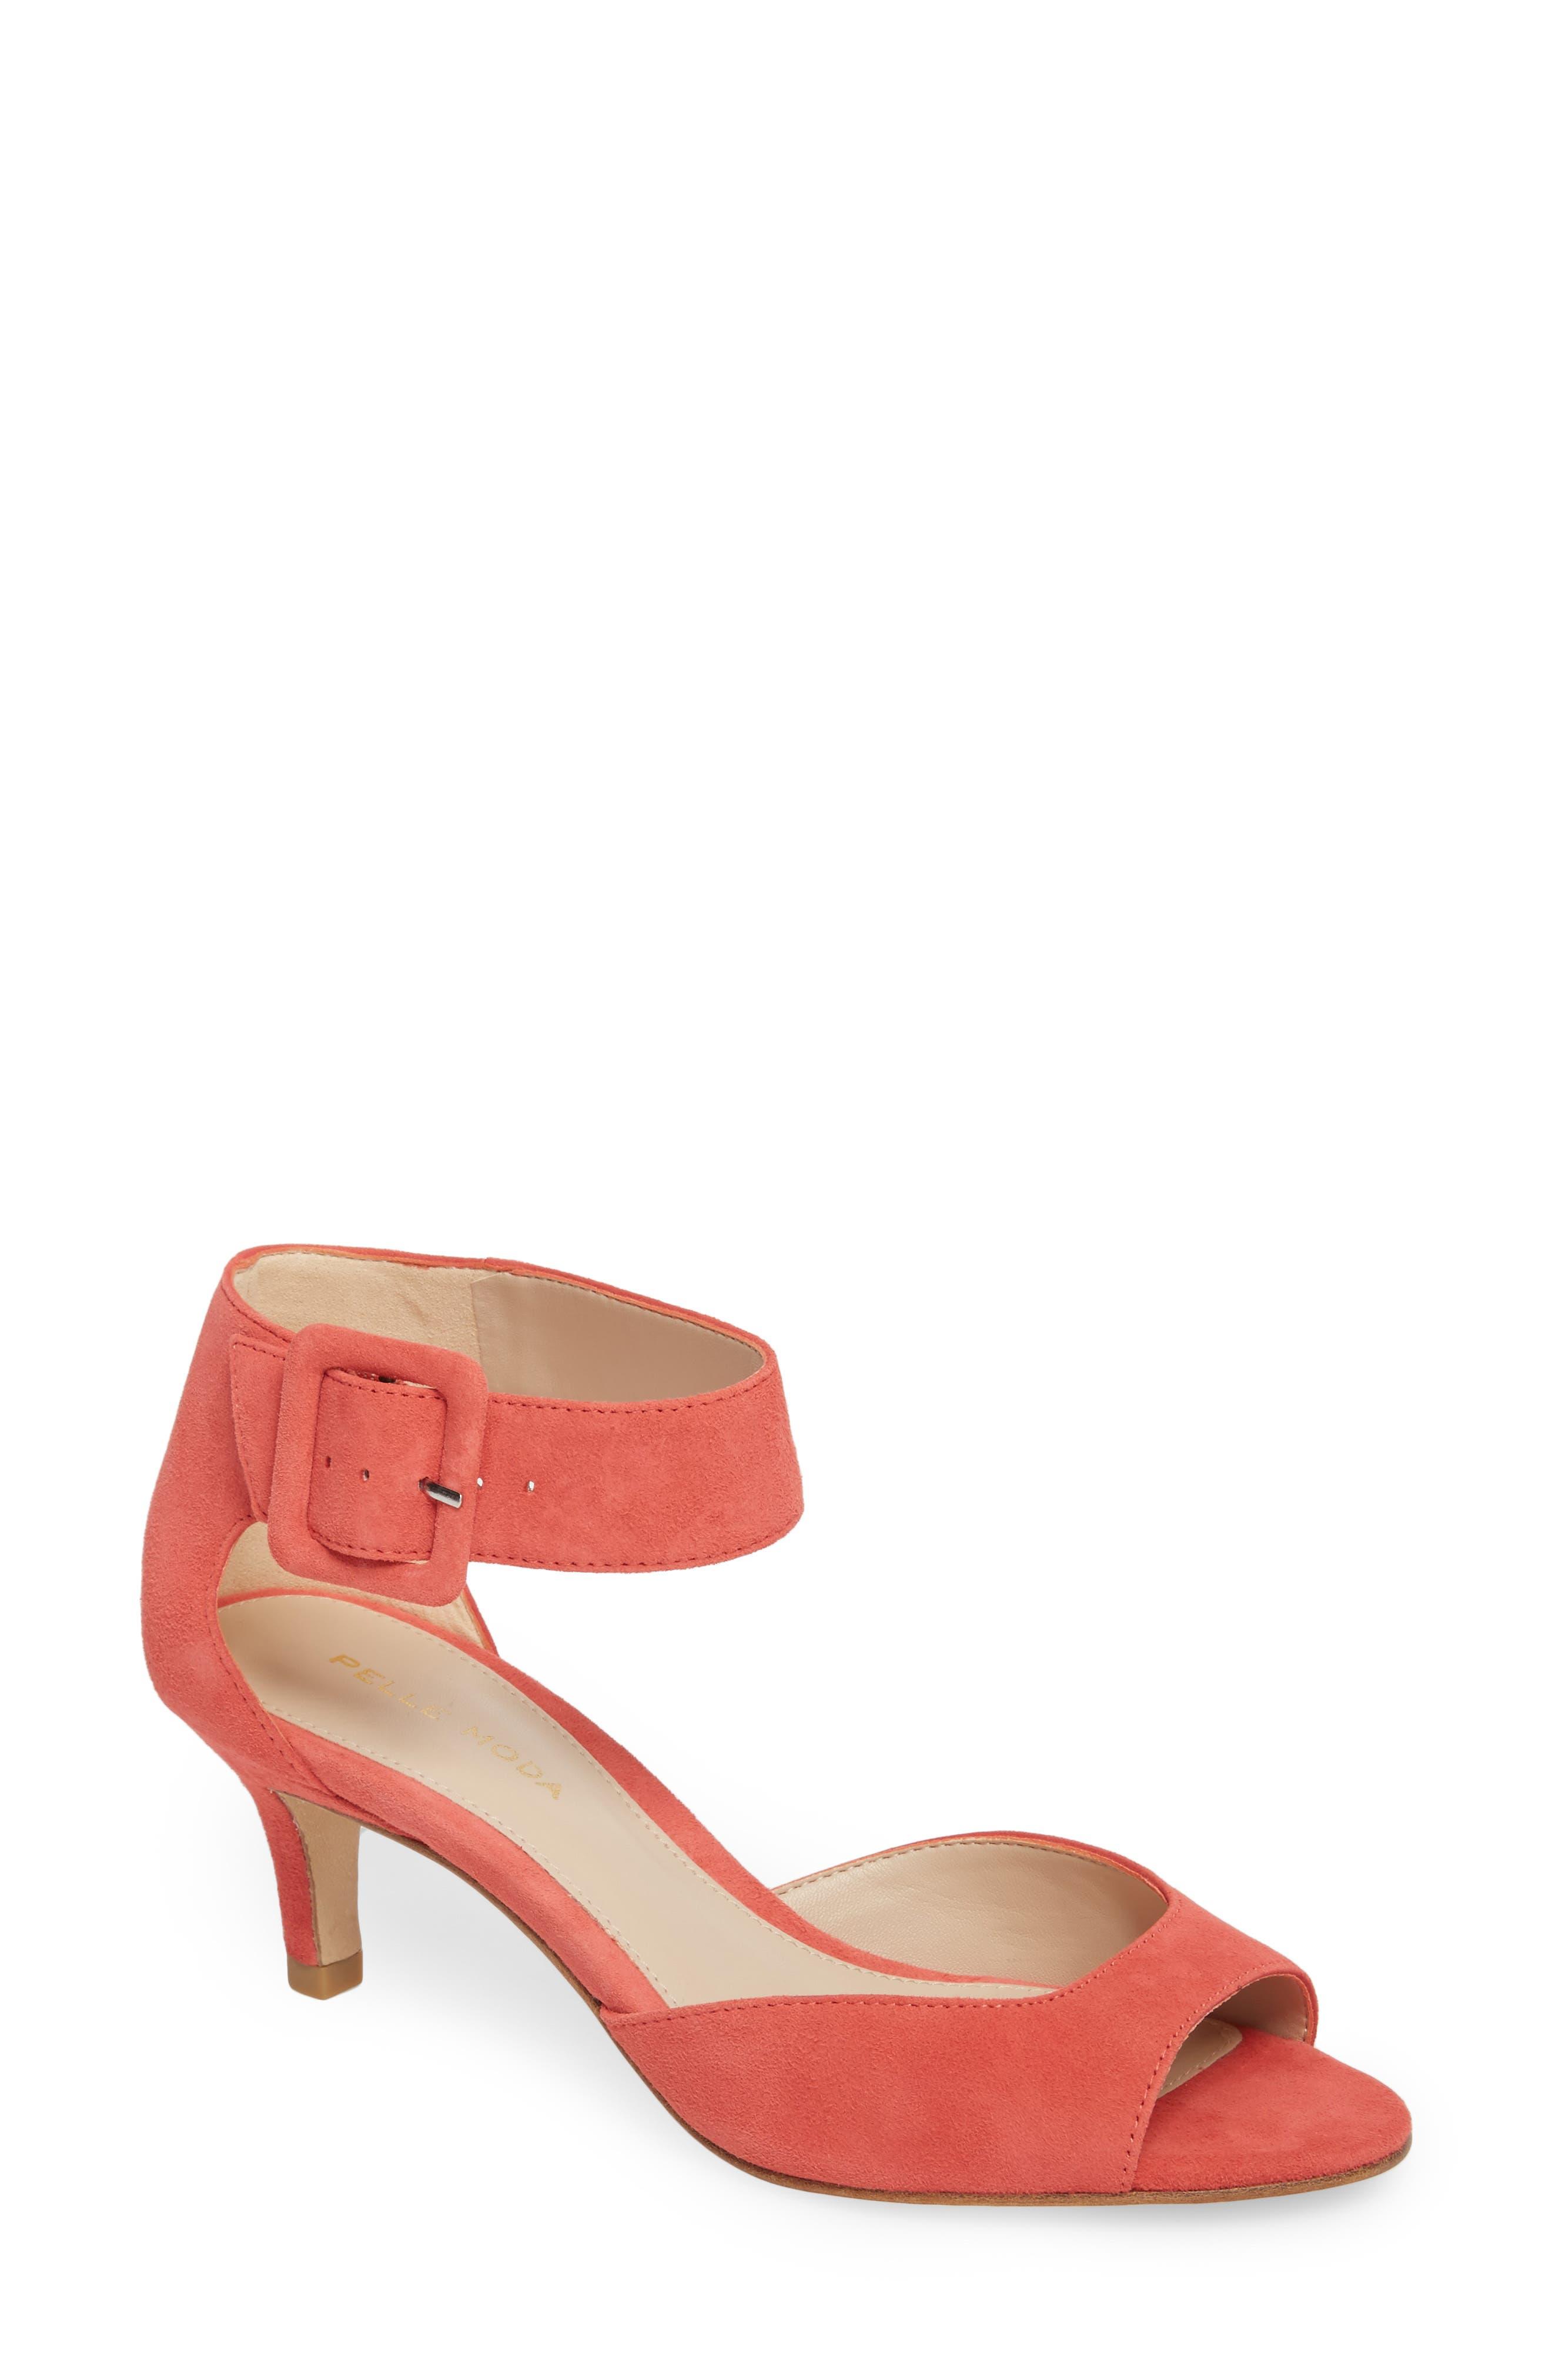 Pelle Moda 'Berlin' Ankle Strap Sandal (Women)